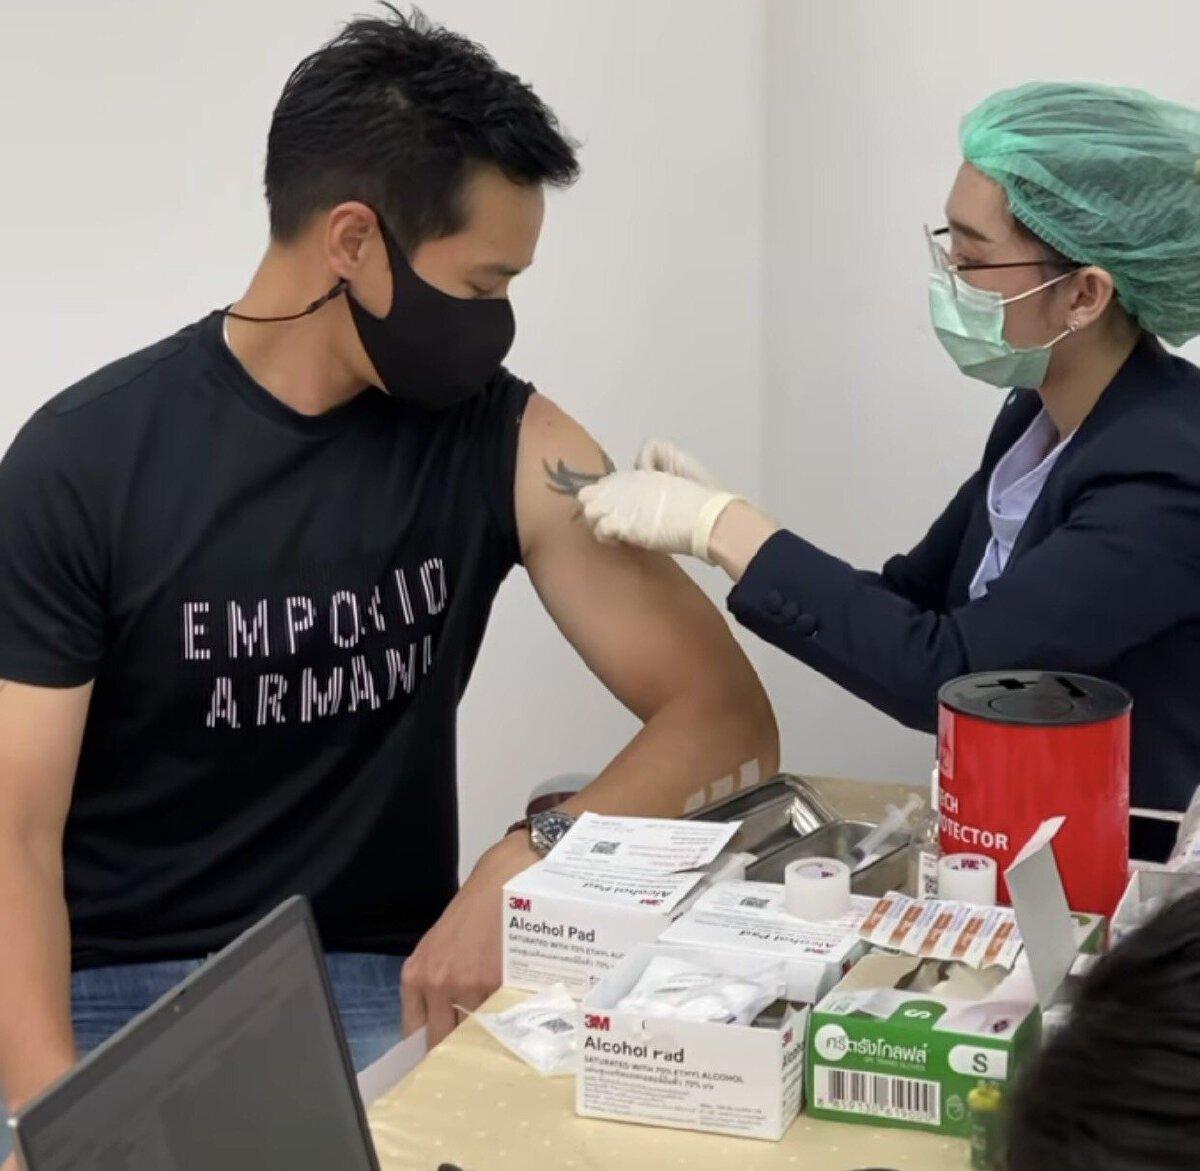 ปีเตอร์ คอร์ป เข้ารับวัคซีนโควิด เผยเหตุผลที่ฉีดเพราะอยากใช้ชีวิตปกติ